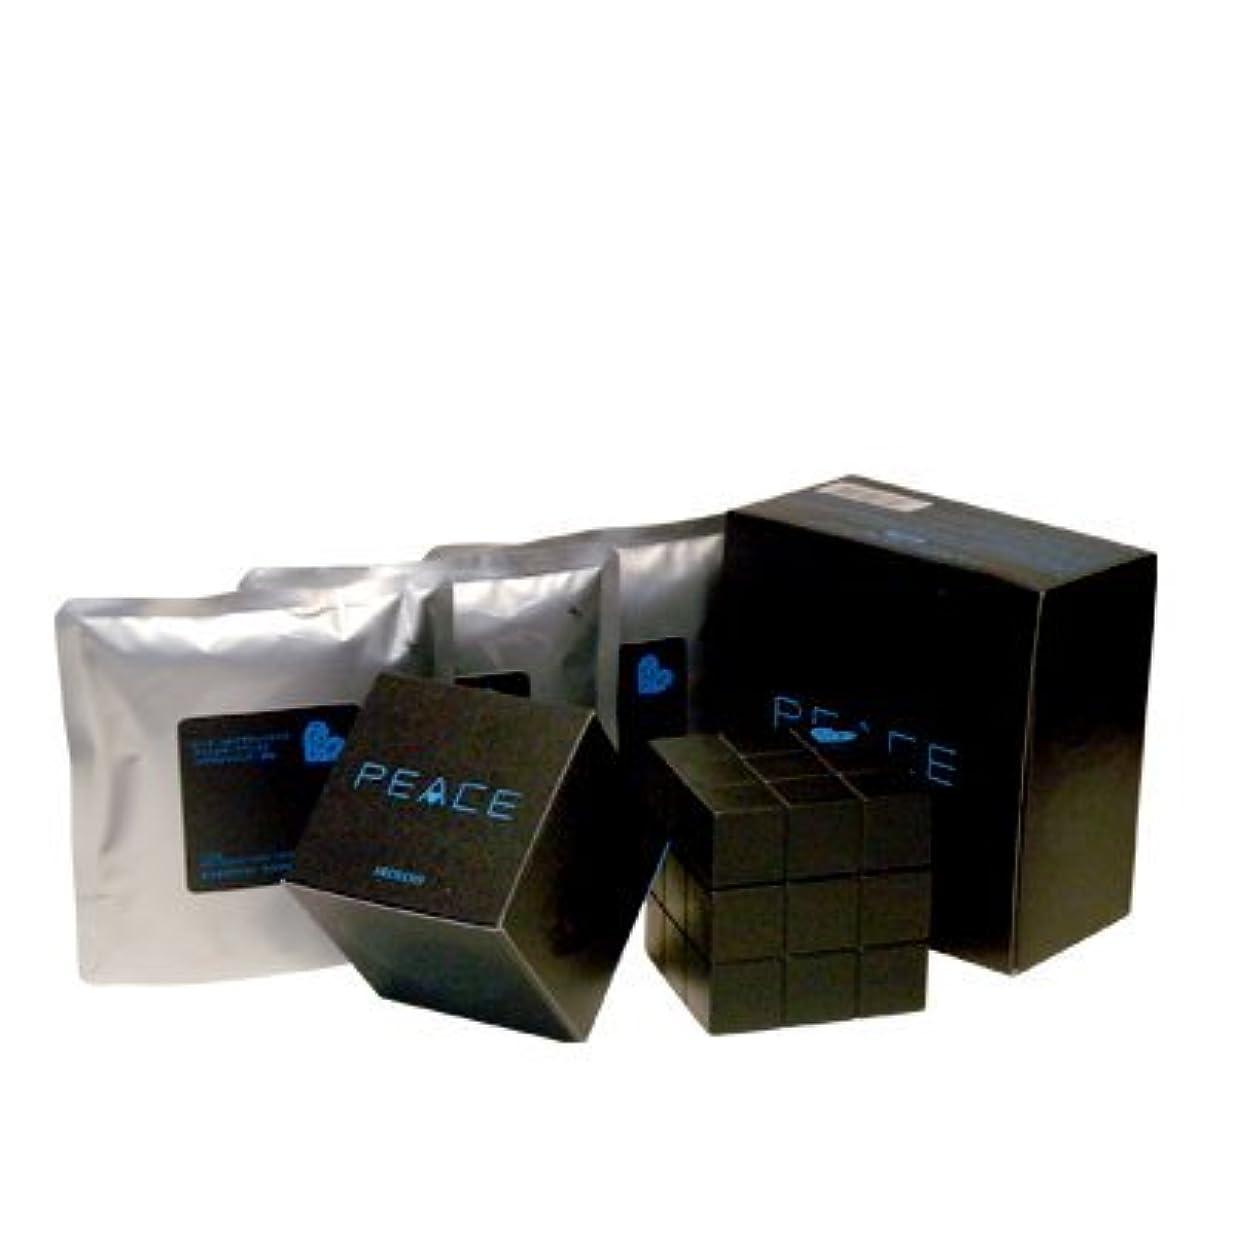 マネージャー存在するラップアリミノ ピース プロデザインシリーズ フリーズキープワックス ブラック80g+詰め替え80g×3